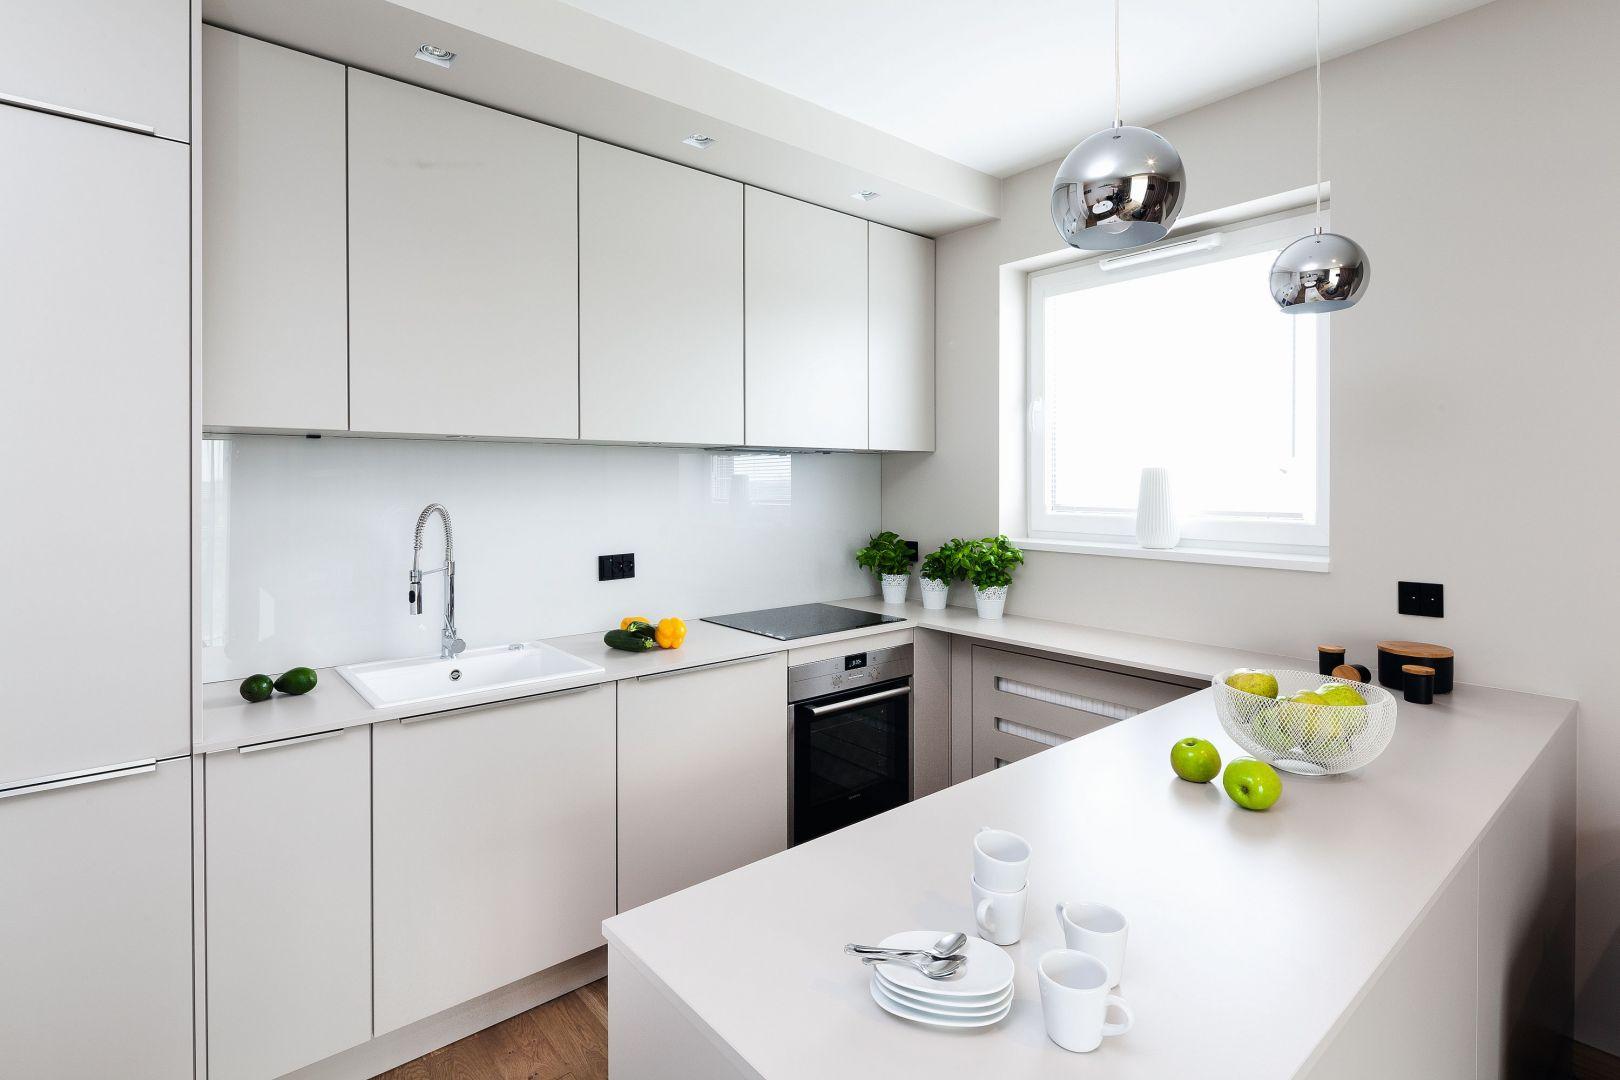 Wygodna kuchnia w kształcie litery U, z dobrze zaprojektowanymi strefami. Projekt: Katarzyna Uszok. Fot. Bartosz Jarosz.jpg